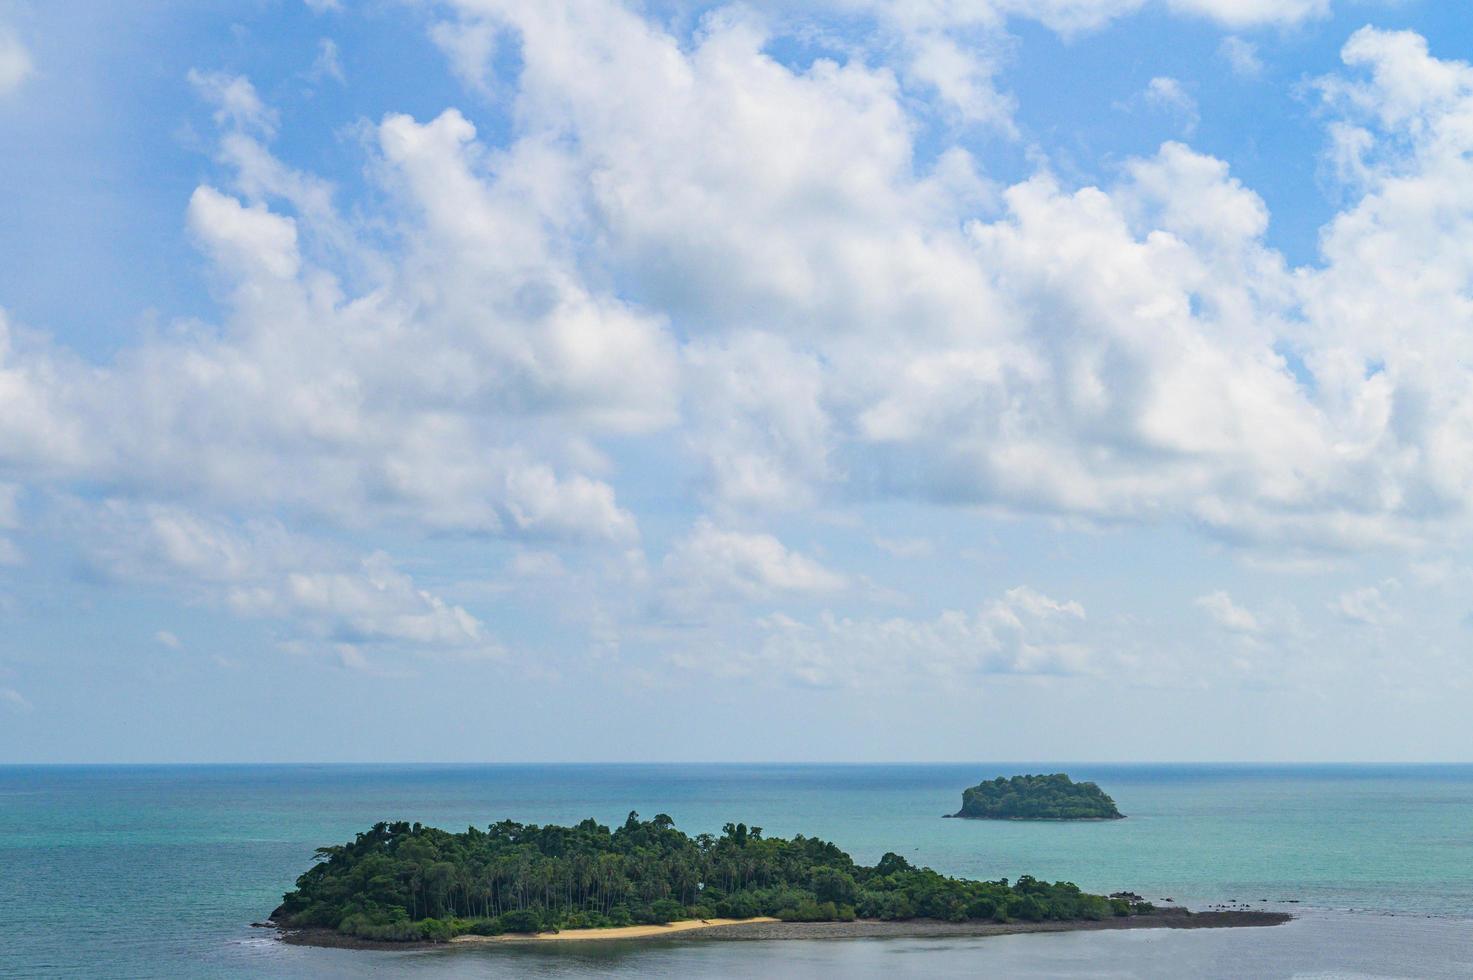 mare tropicale con isole e cielo foto